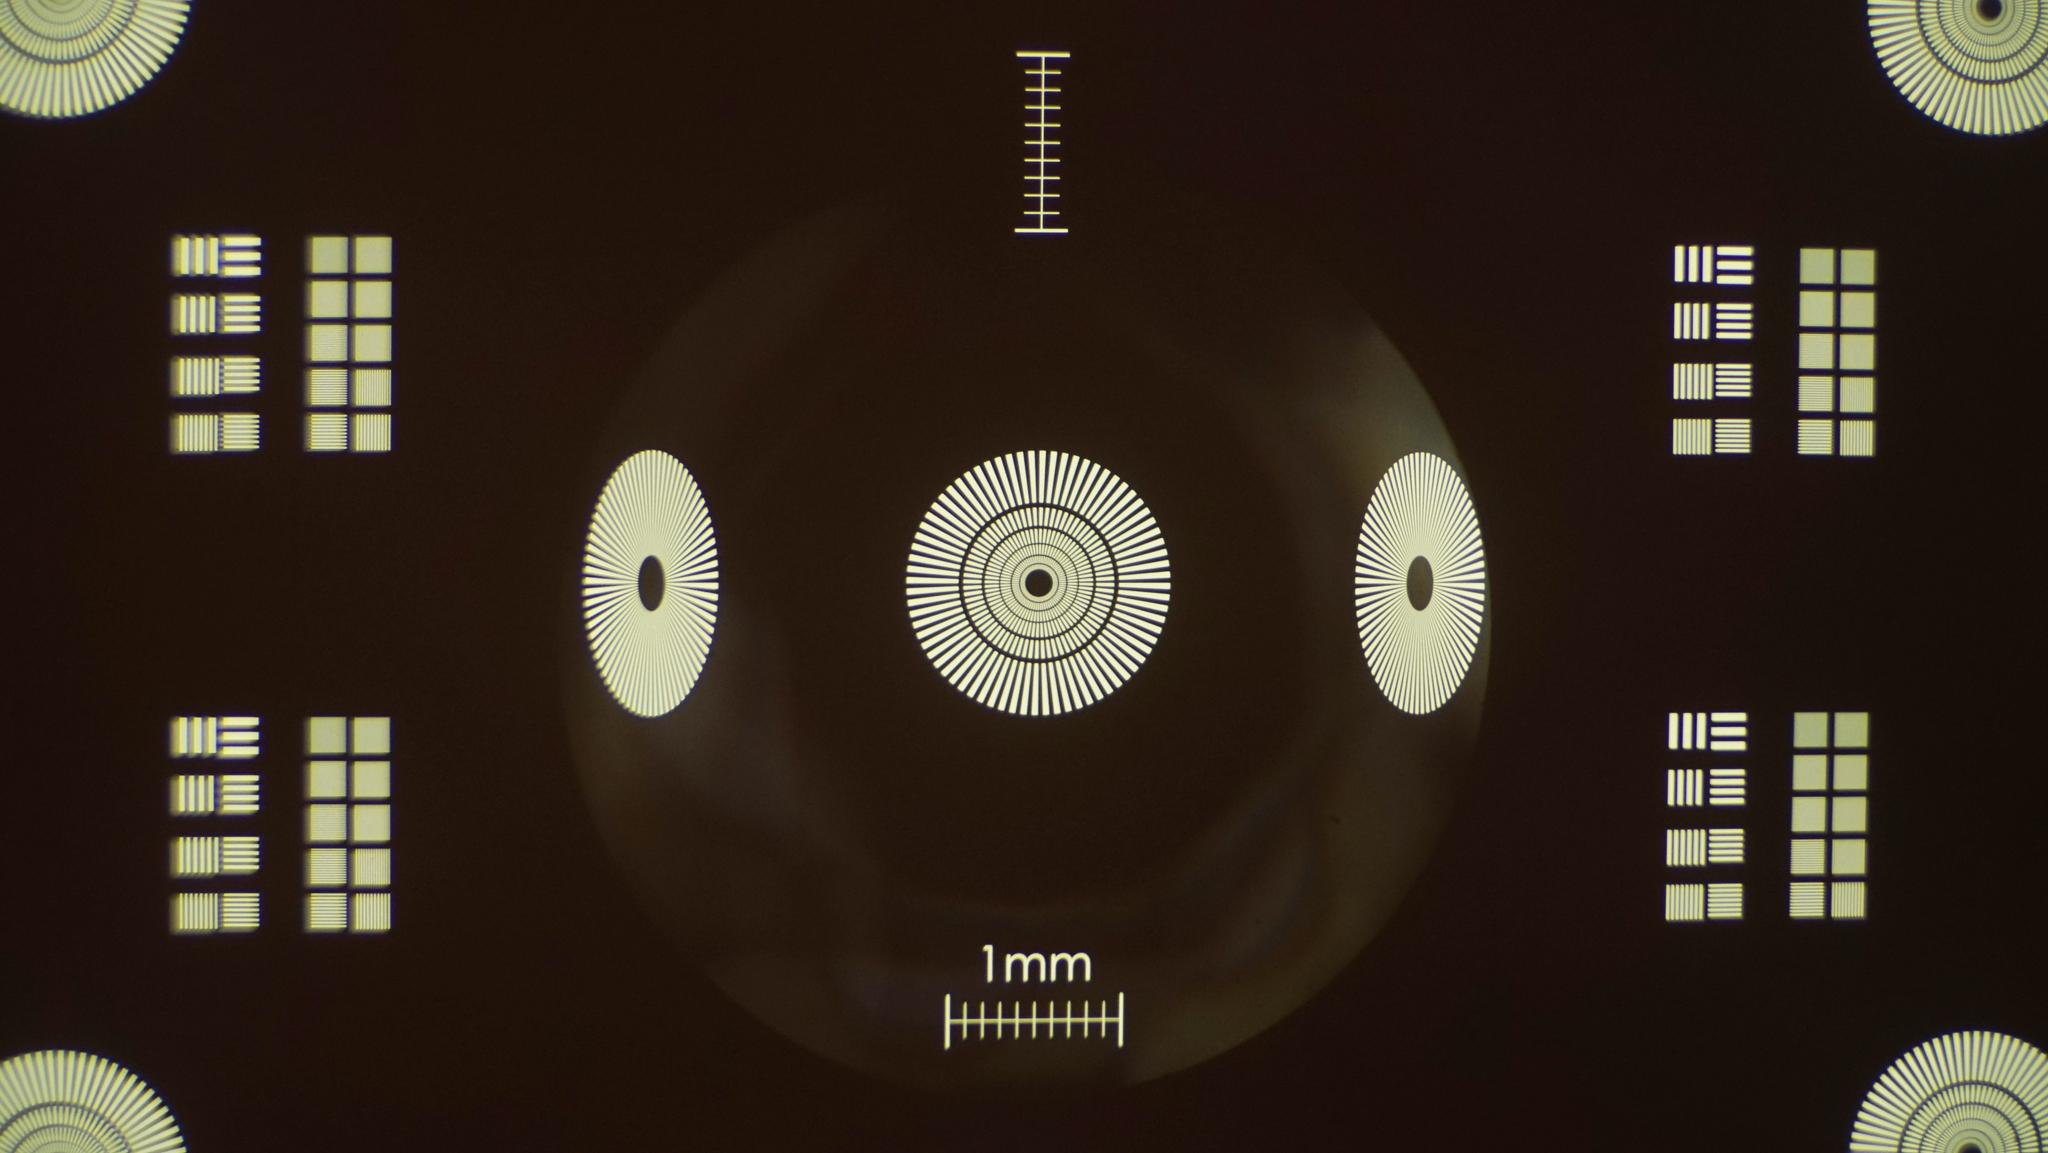 PLC_Angenieux-Zoom_Mittelkreis_Reflexion